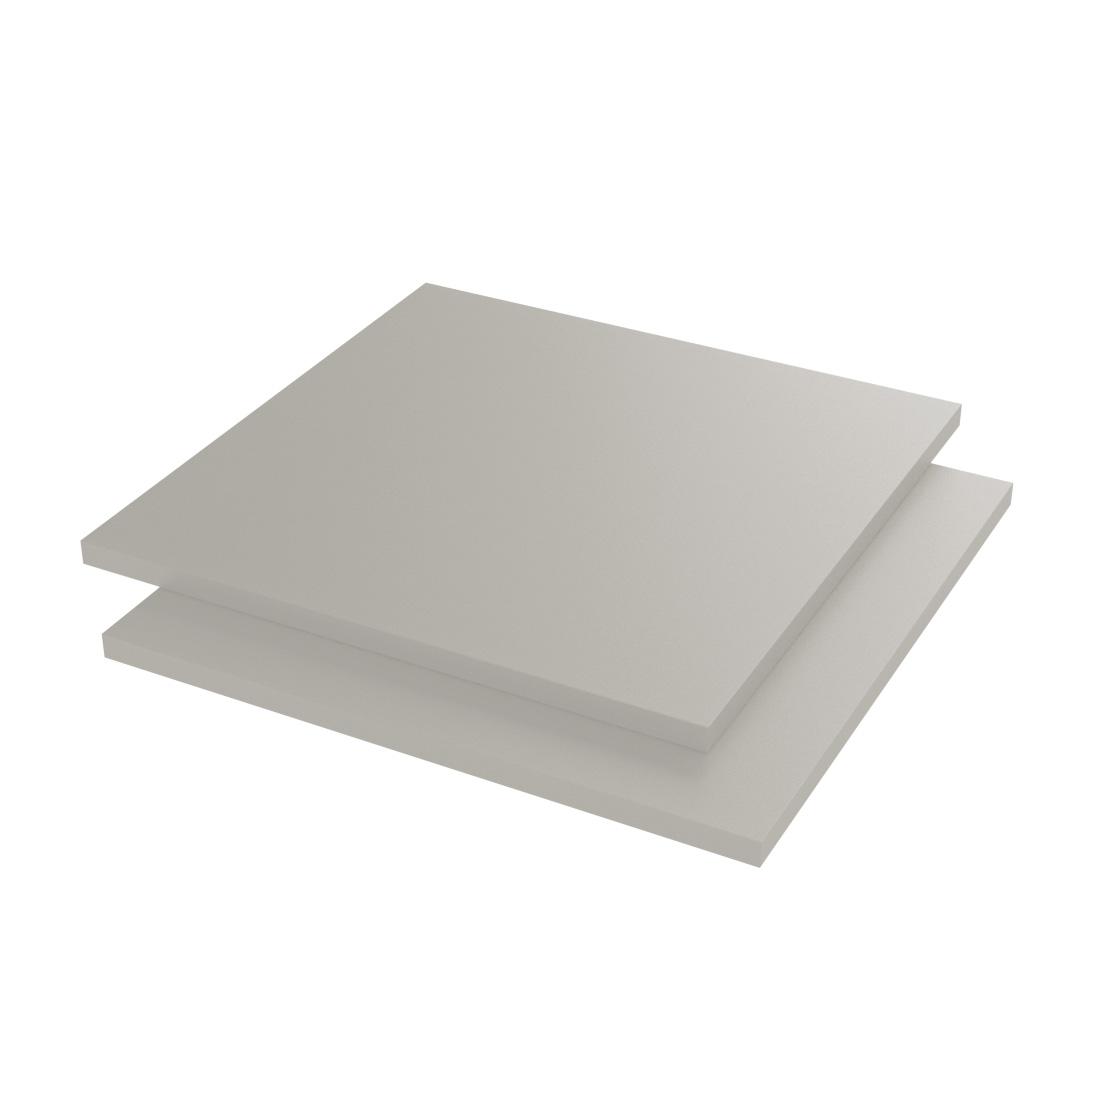 Vinplast PVC Plaat Caw XT Lichtgrijs RAL7035 2000x1000x1mm